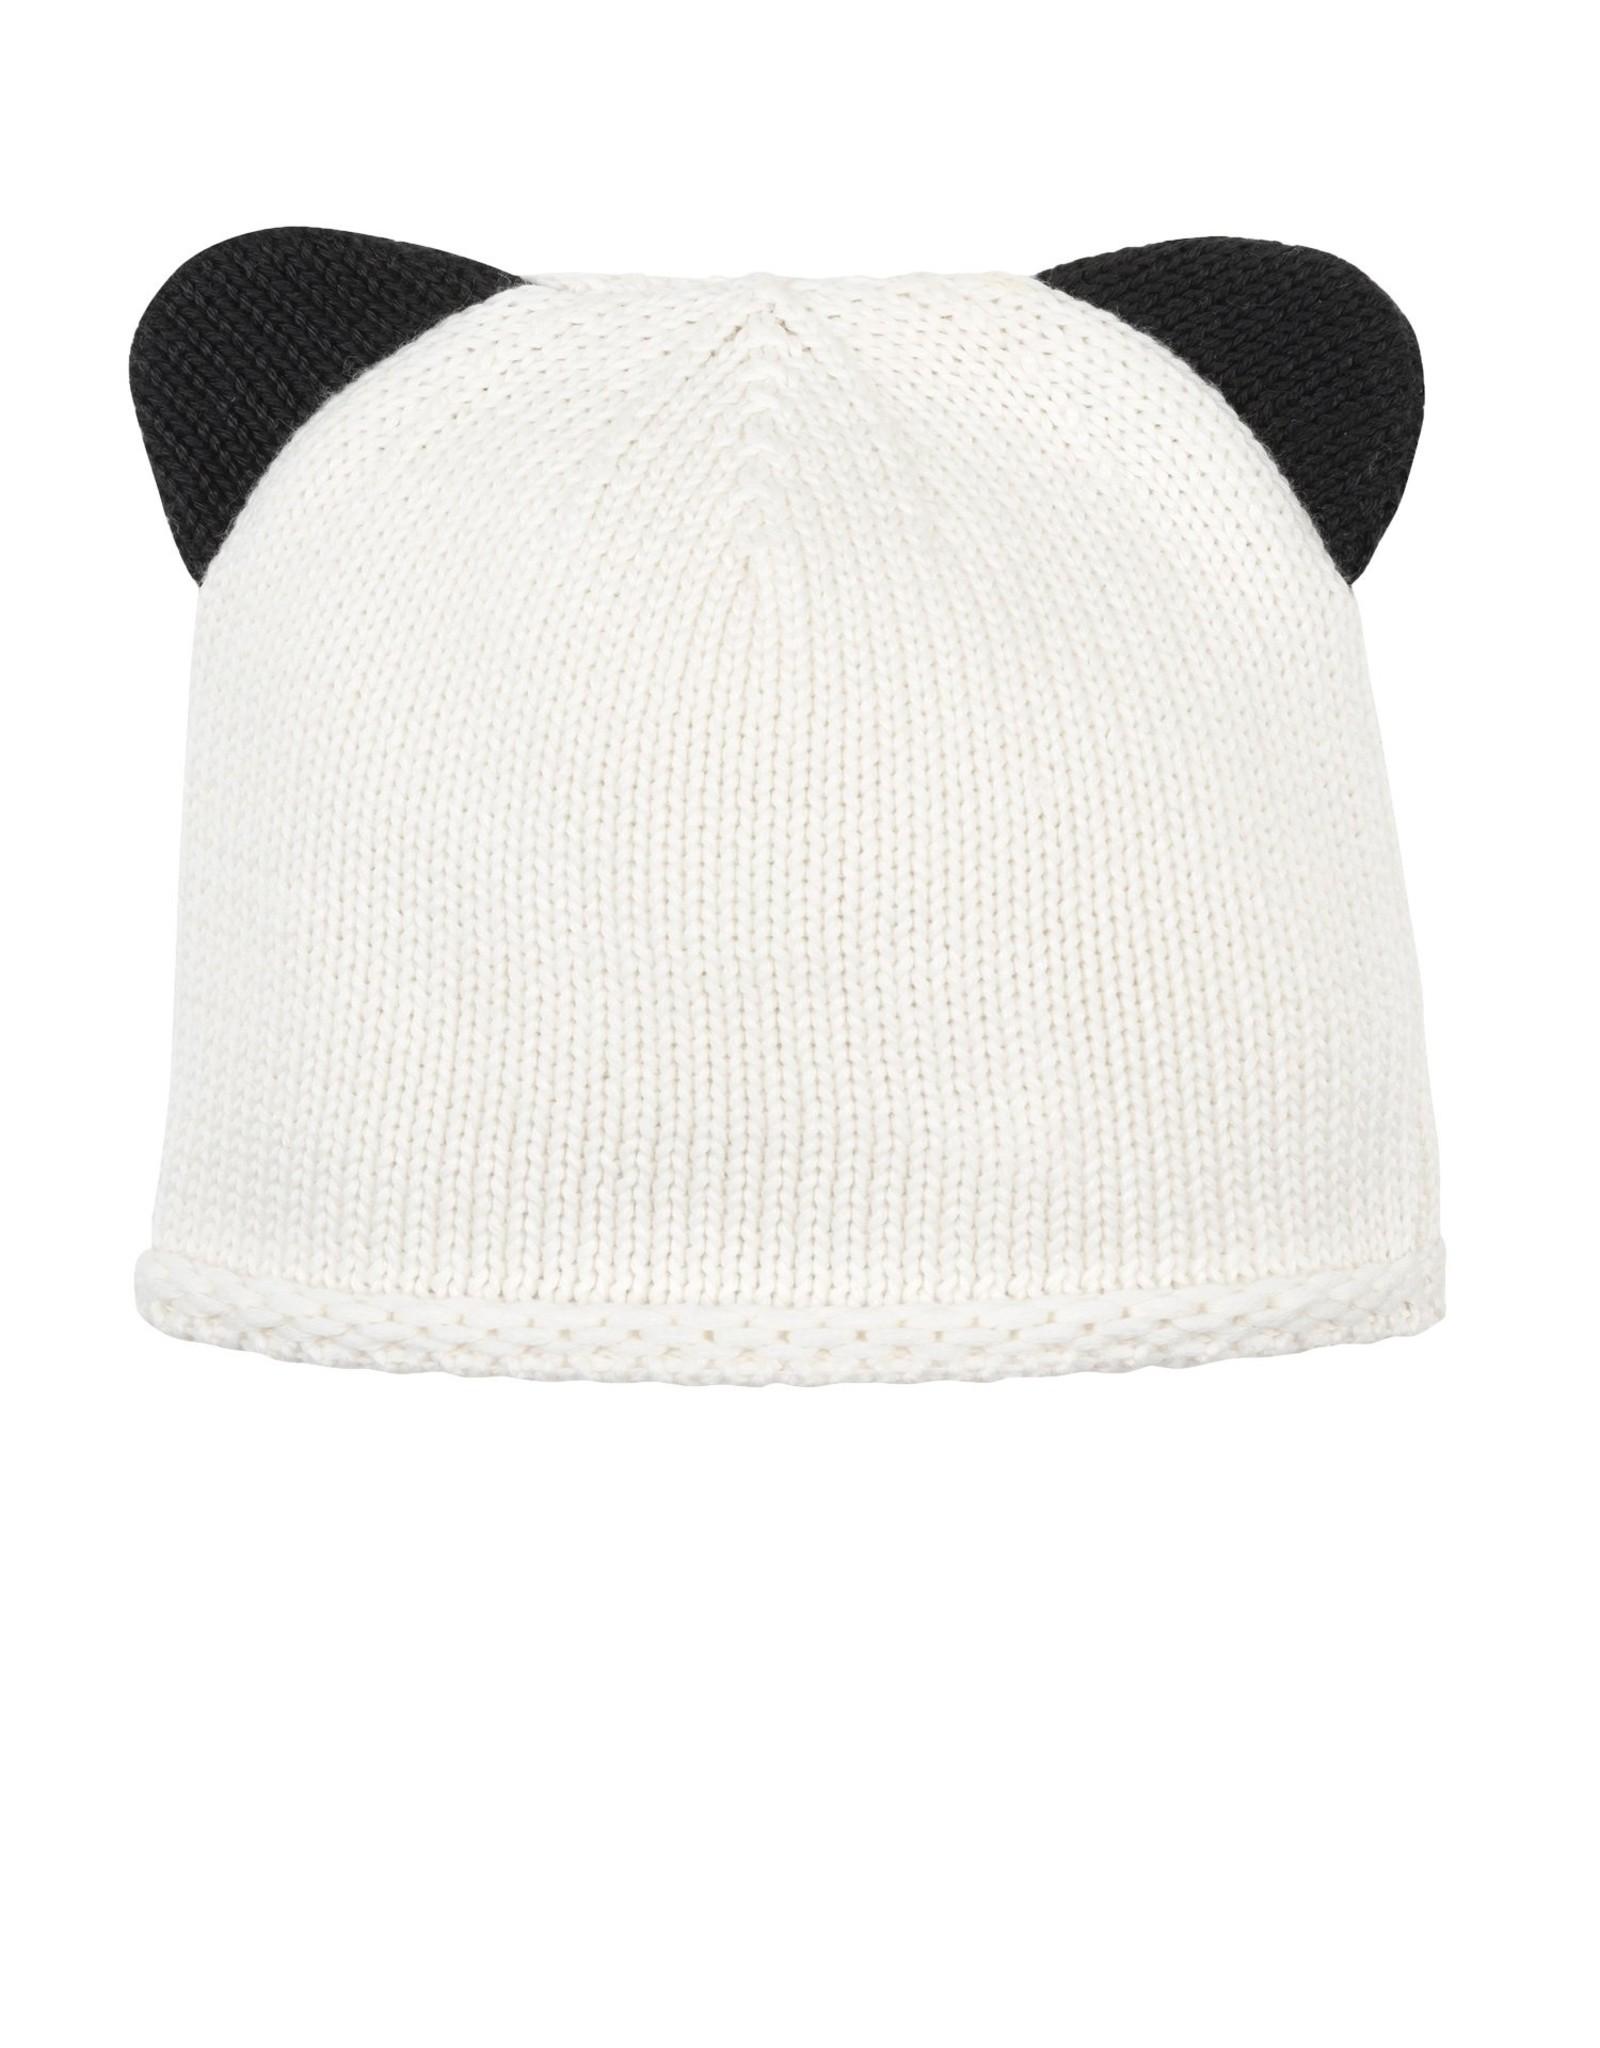 Panda Knit Hat Preemie-Newborn